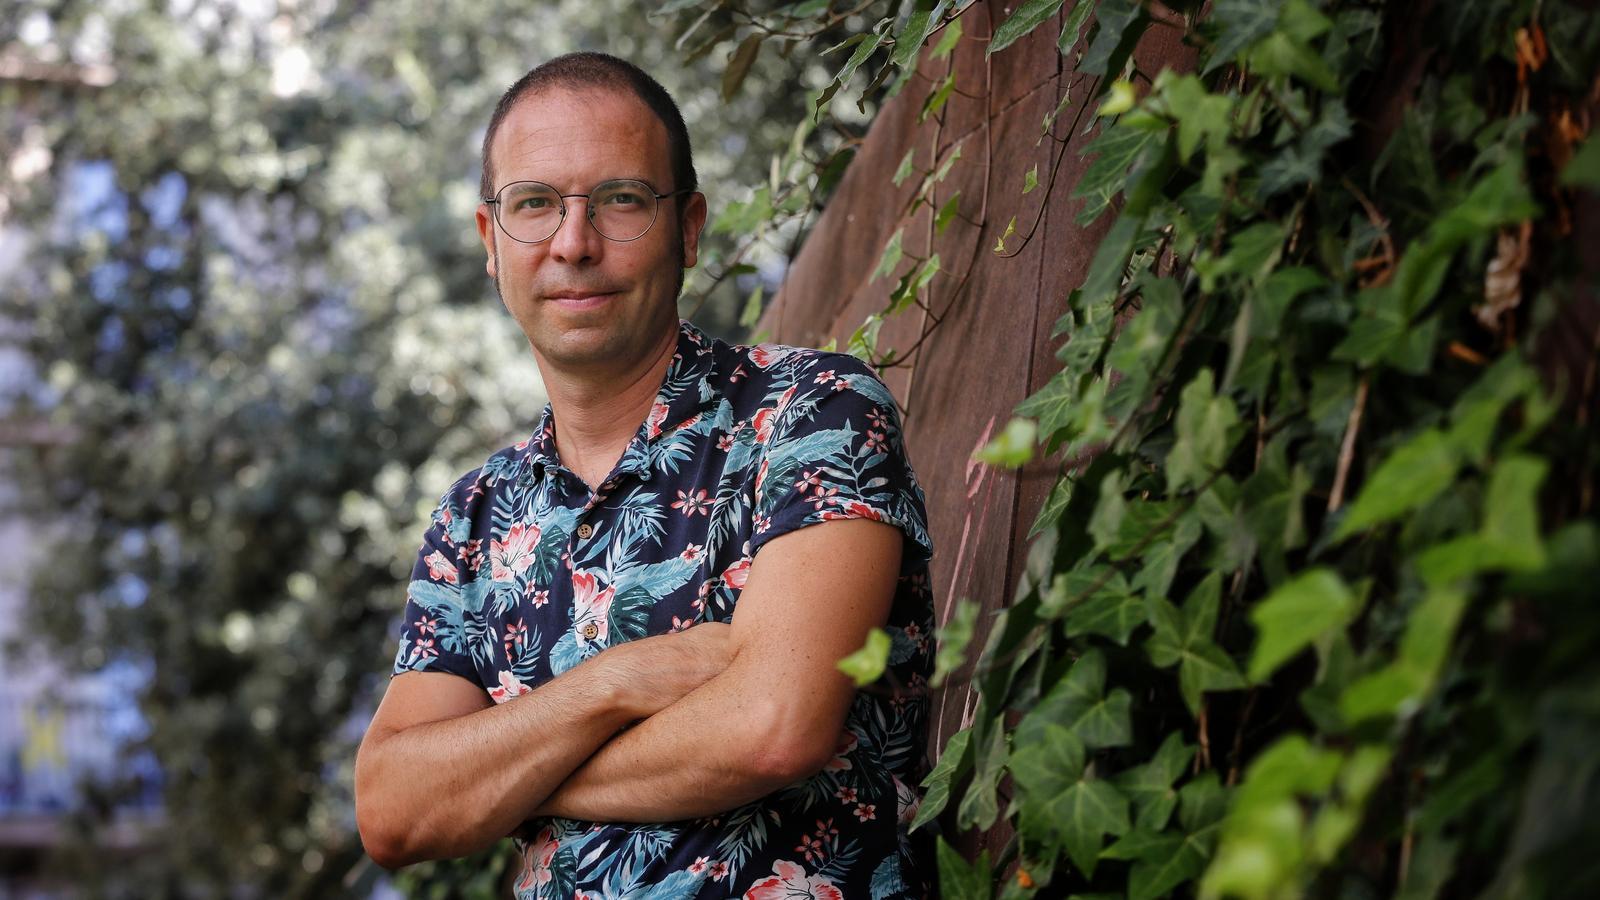 L'escriptor Albert Forns guanyador del premi Sant joan